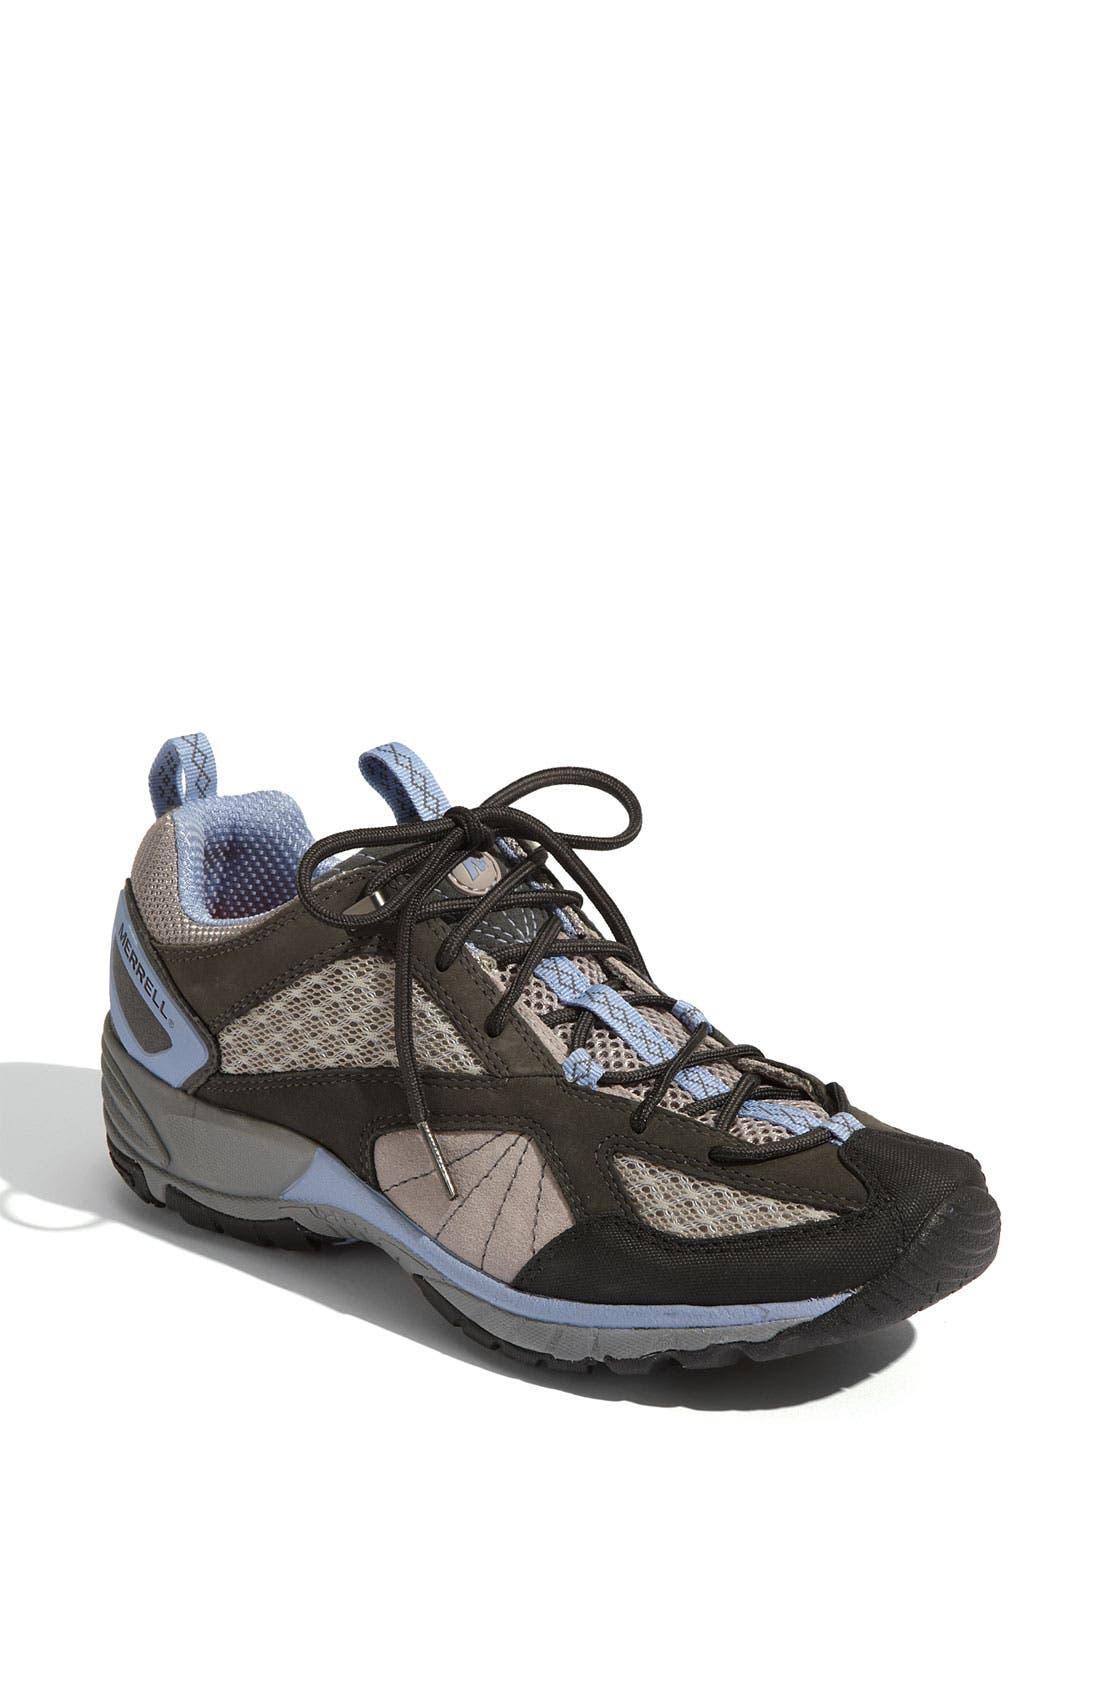 Alternate Image 1 Selected - Merrell 'Avian Light Ventilator' Hiking Shoe (Women)